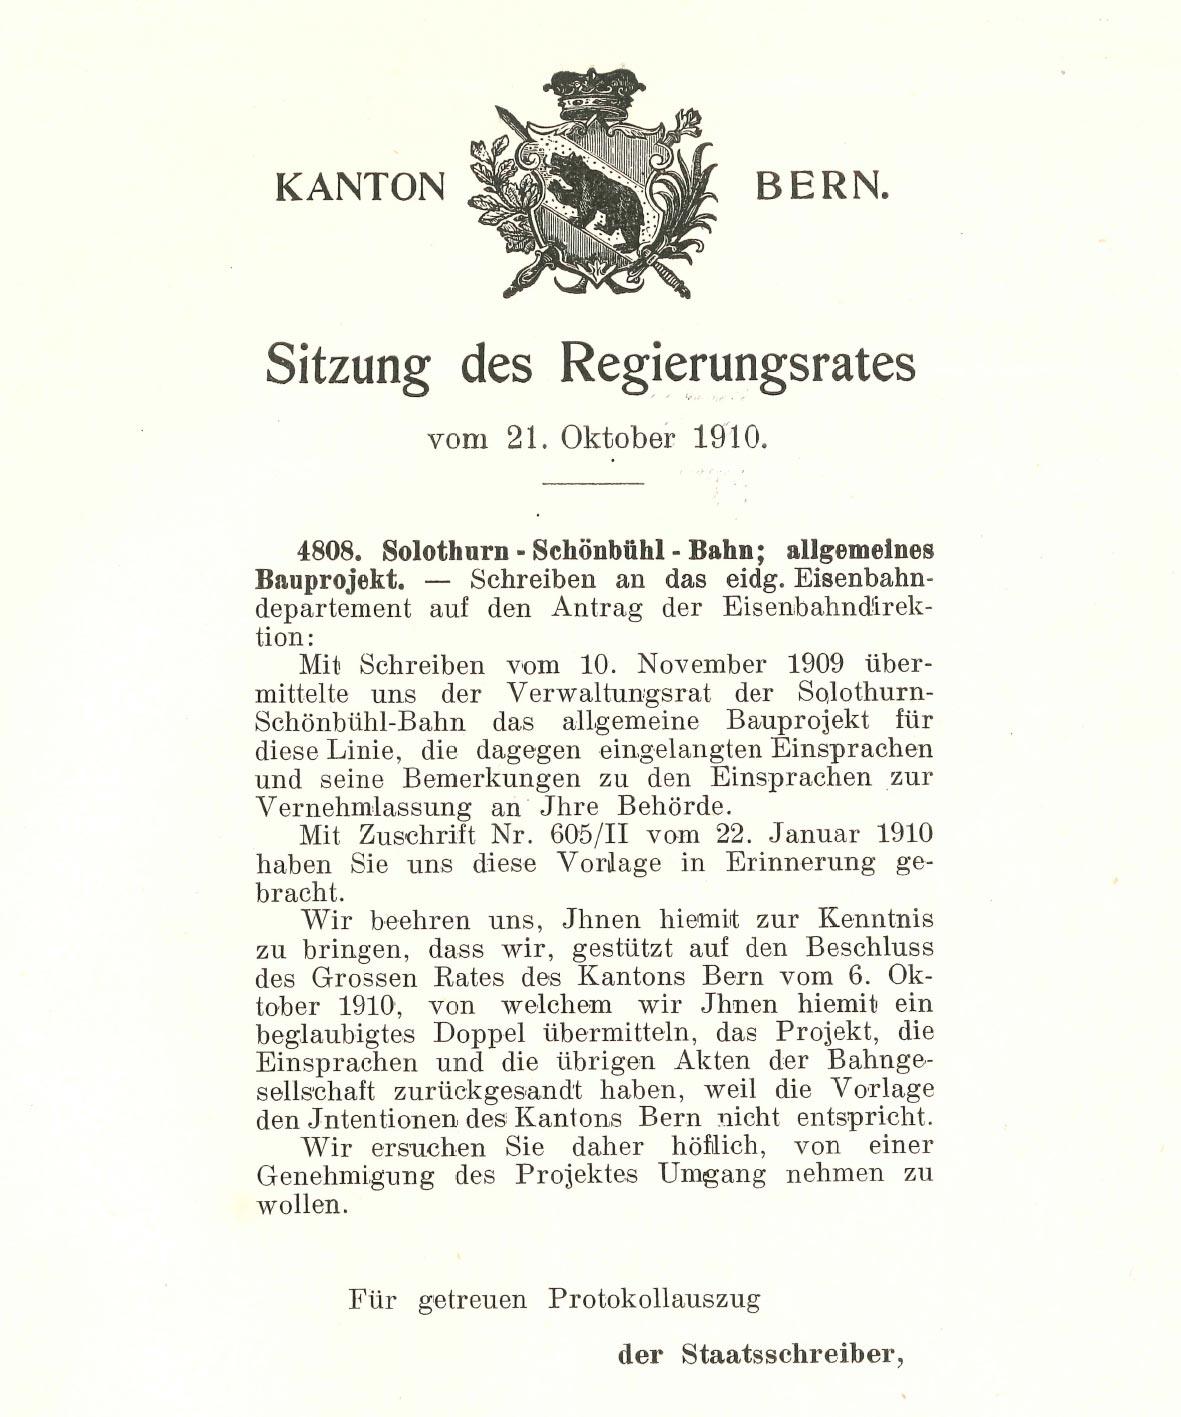 Bried des Regierungsrates an das Eisenbahndepartement 21.10.1910